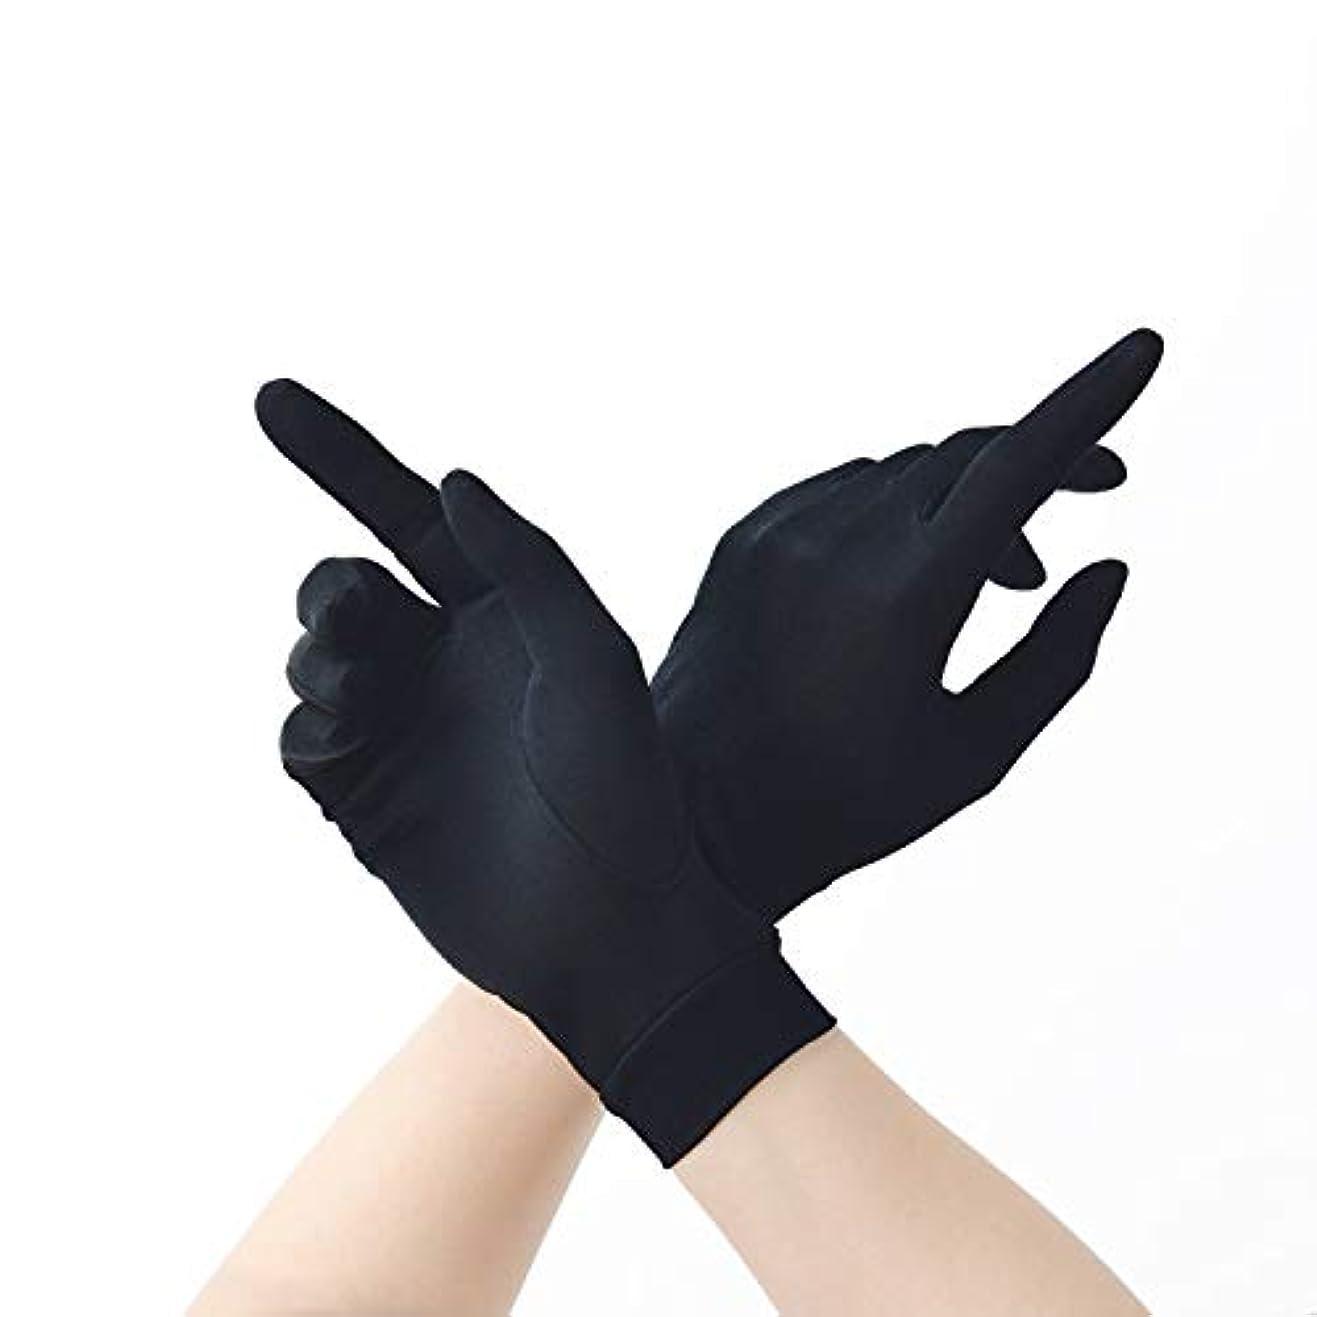 ヒールちなみに母音保湿 夏 ハンド 手袋 シルク 紫外線 日焼け防止 手荒い おやすみ 手触りが良い ケア レディース